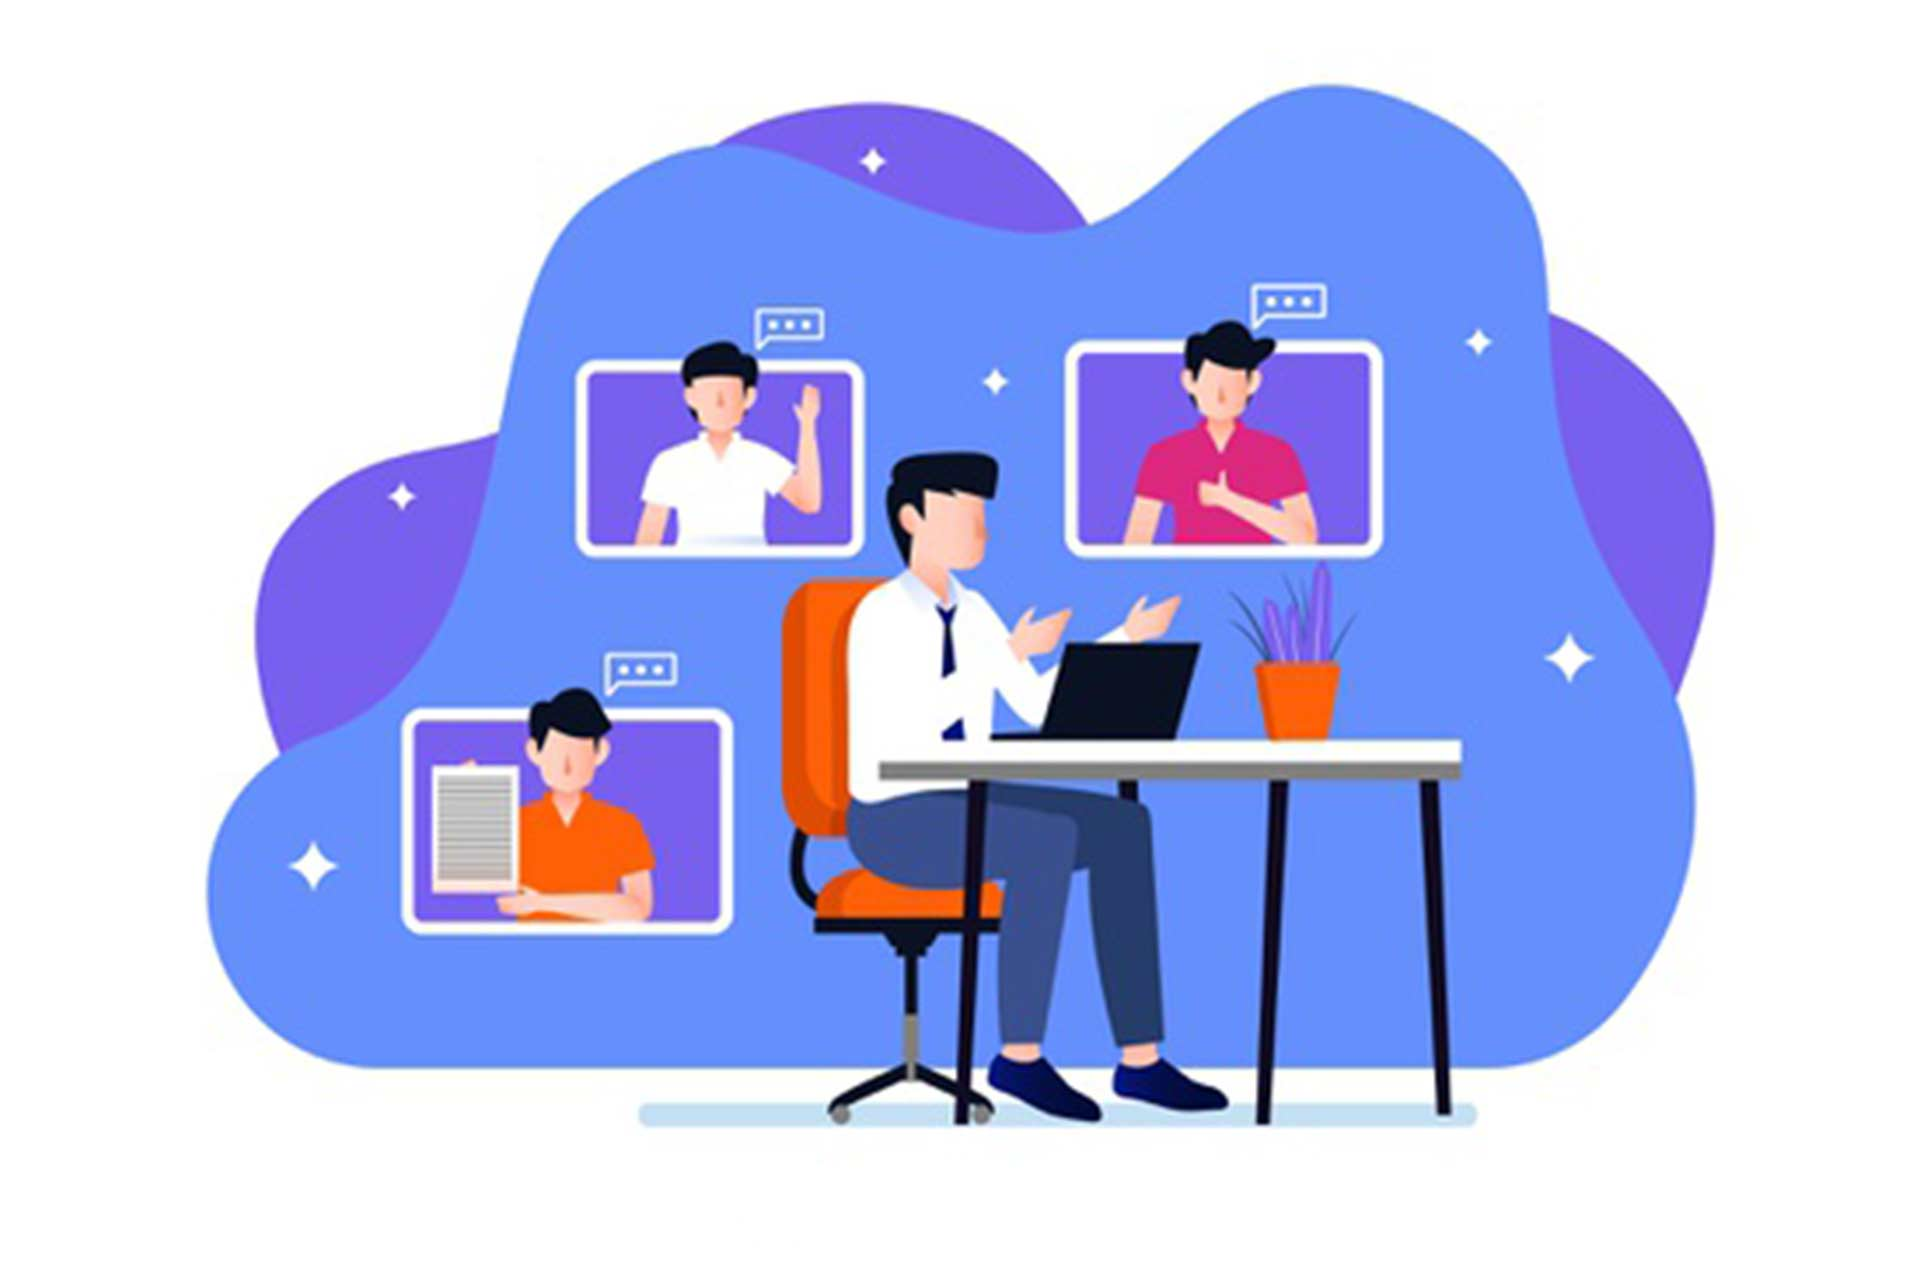 نرمافزارهای وب کنفرانس برای برگزاری جلسات کاری